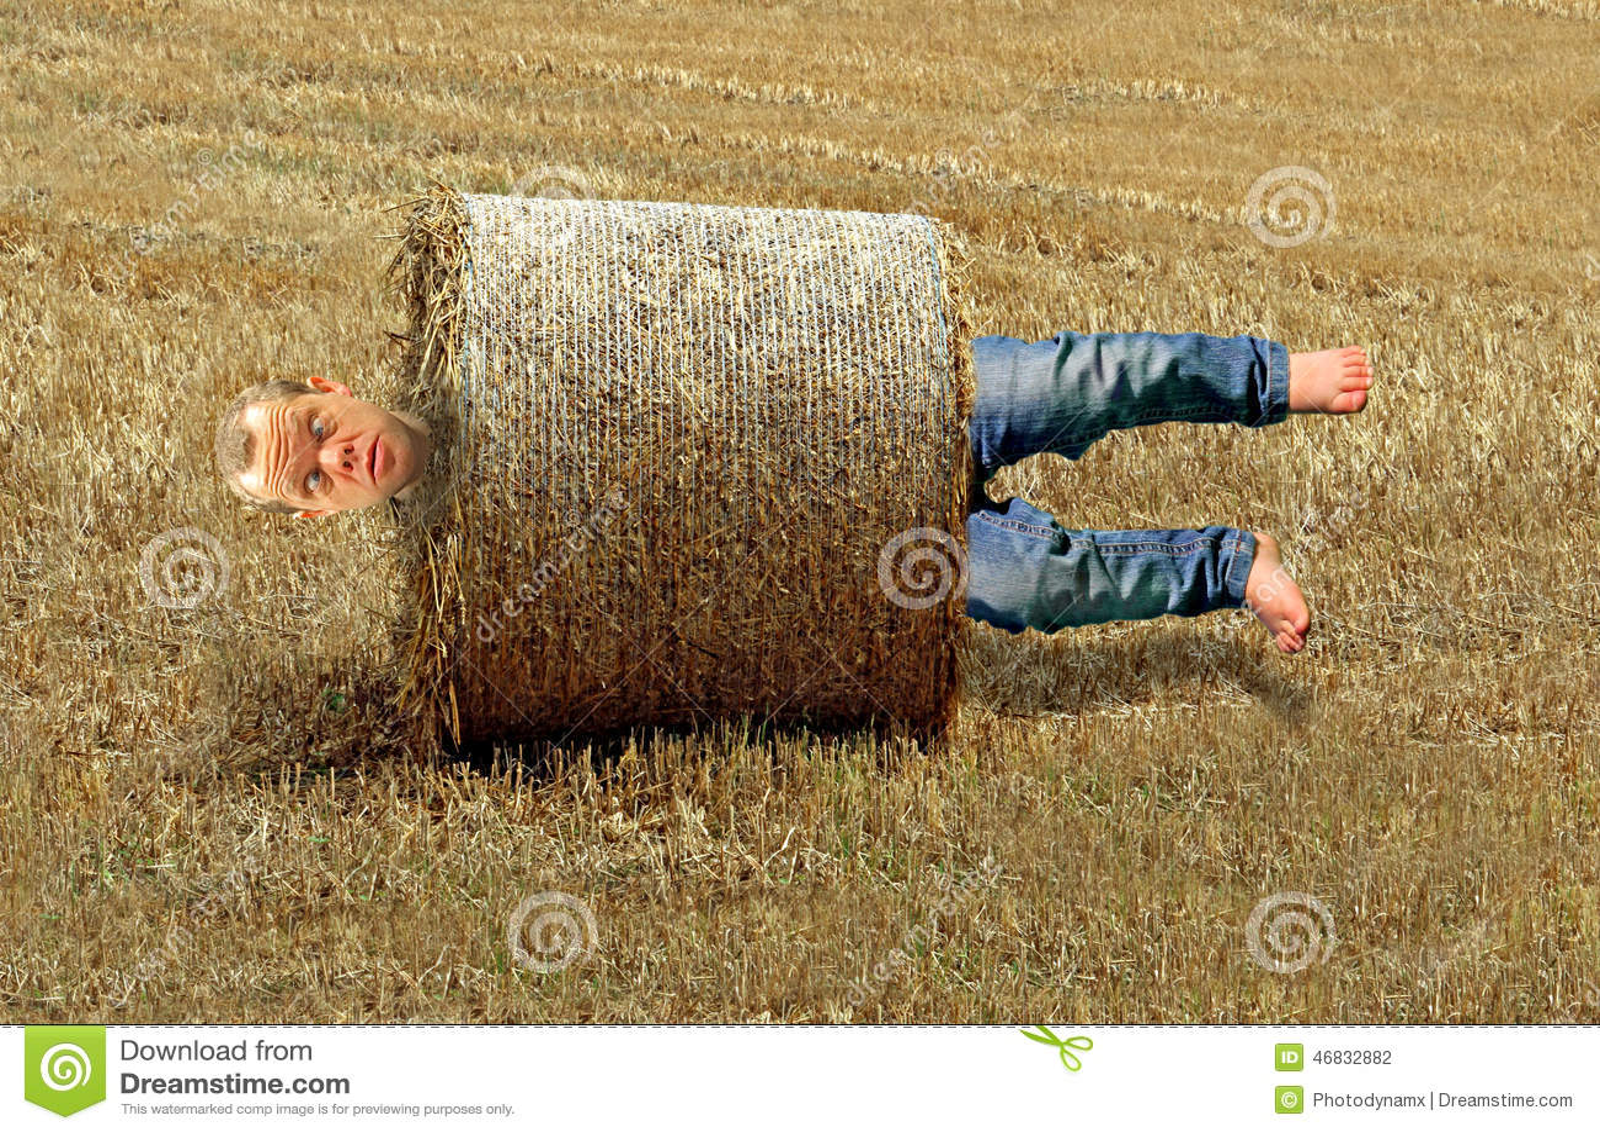 Starting a hay farm? Viability of a hay farm